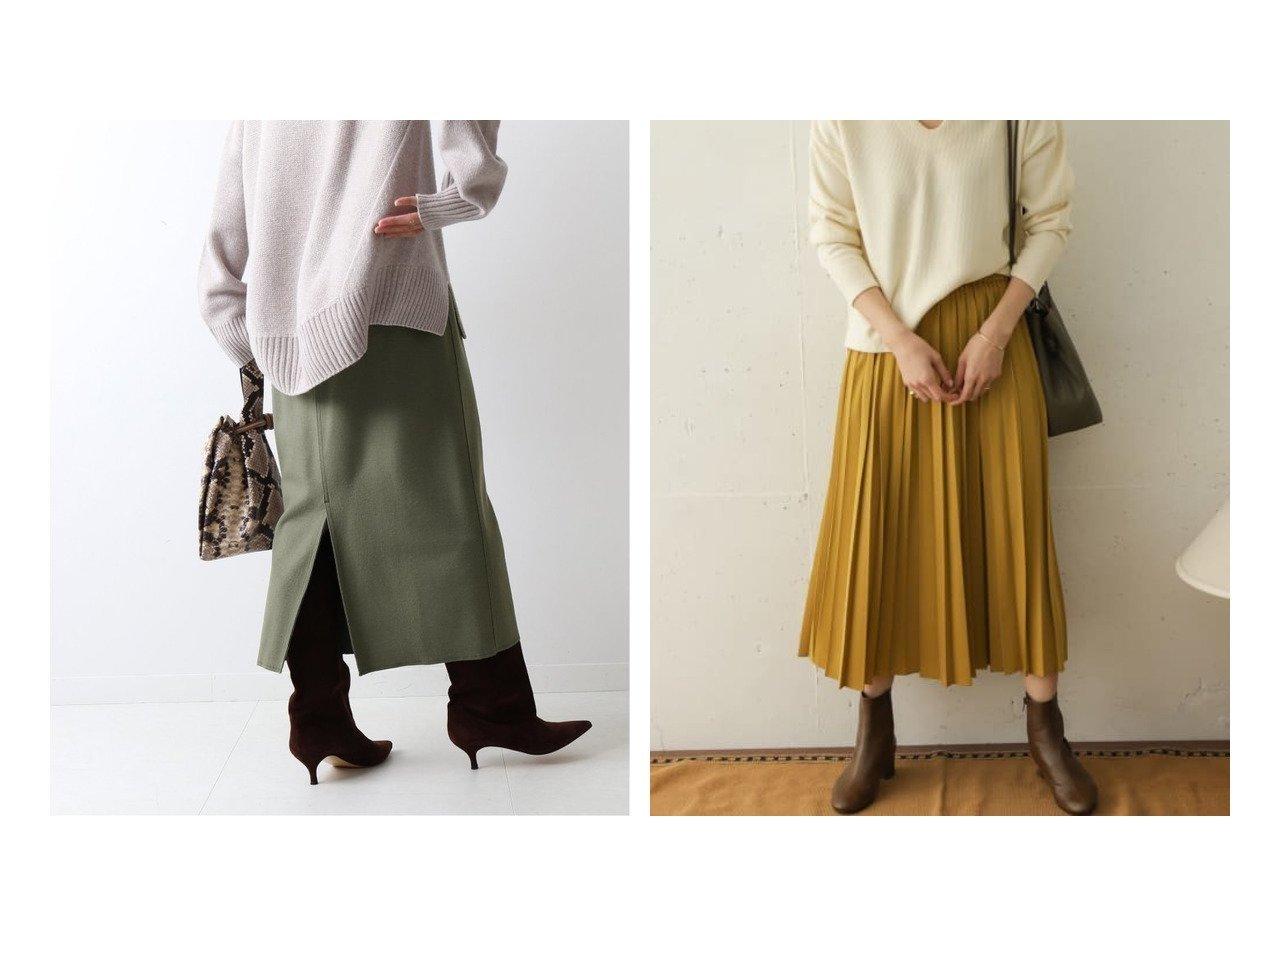 【URBAN RESEARCH DOORS/アーバンリサーチ ドアーズ】のランダムプリーツスカート&【FRAMeWORK/フレームワーク】のツイルジャージータイトスカート スカートのおすすめ!人気、レディースファッションの通販 おすすめで人気のファッション通販商品 インテリア・家具・キッズファッション・メンズファッション・レディースファッション・服の通販 founy(ファニー) https://founy.com/ ファッション Fashion レディース WOMEN スカート Skirt プリーツスカート Pleated Skirts 秋冬 A/W Autumn/ Winter シューズ タイトスカート ツイル 定番 楽ちん スタンダード バランス プリーツ ポケット ランダム リボン リラックス ロング  ID:crp329100000001472